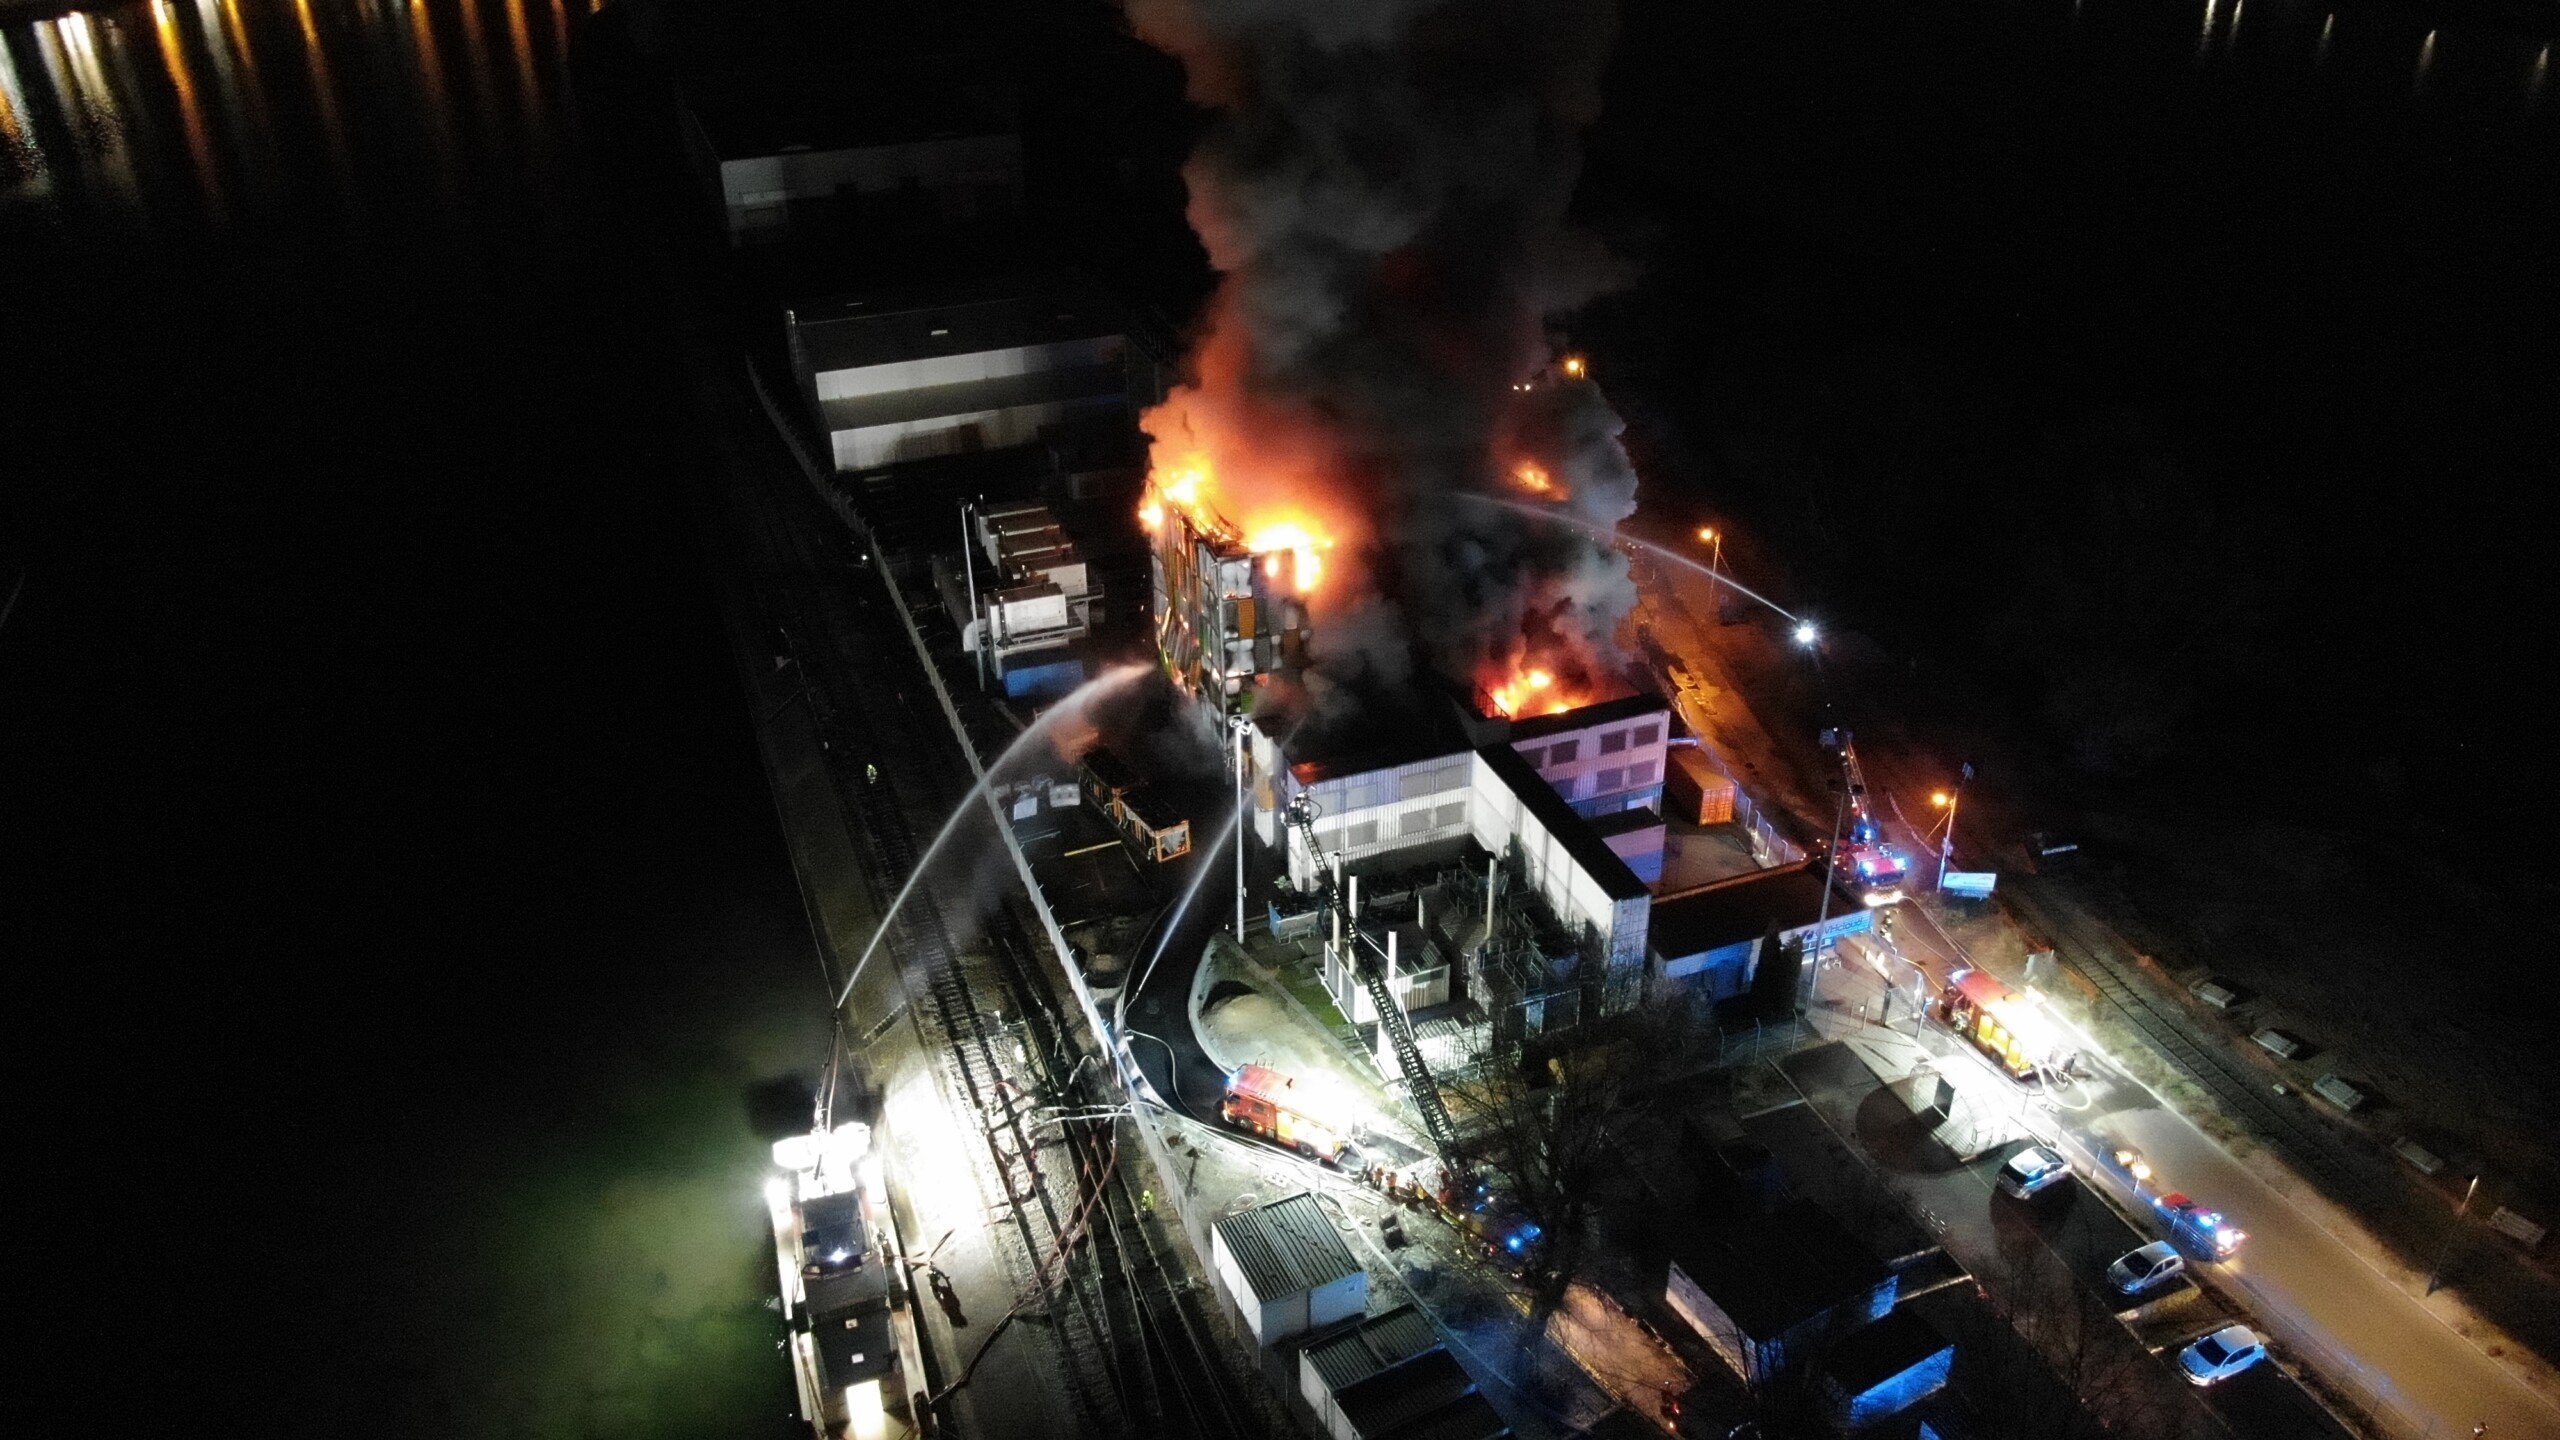 Incendie OVH: une disponibilité des sauvegardes incertaine en fonction des offres